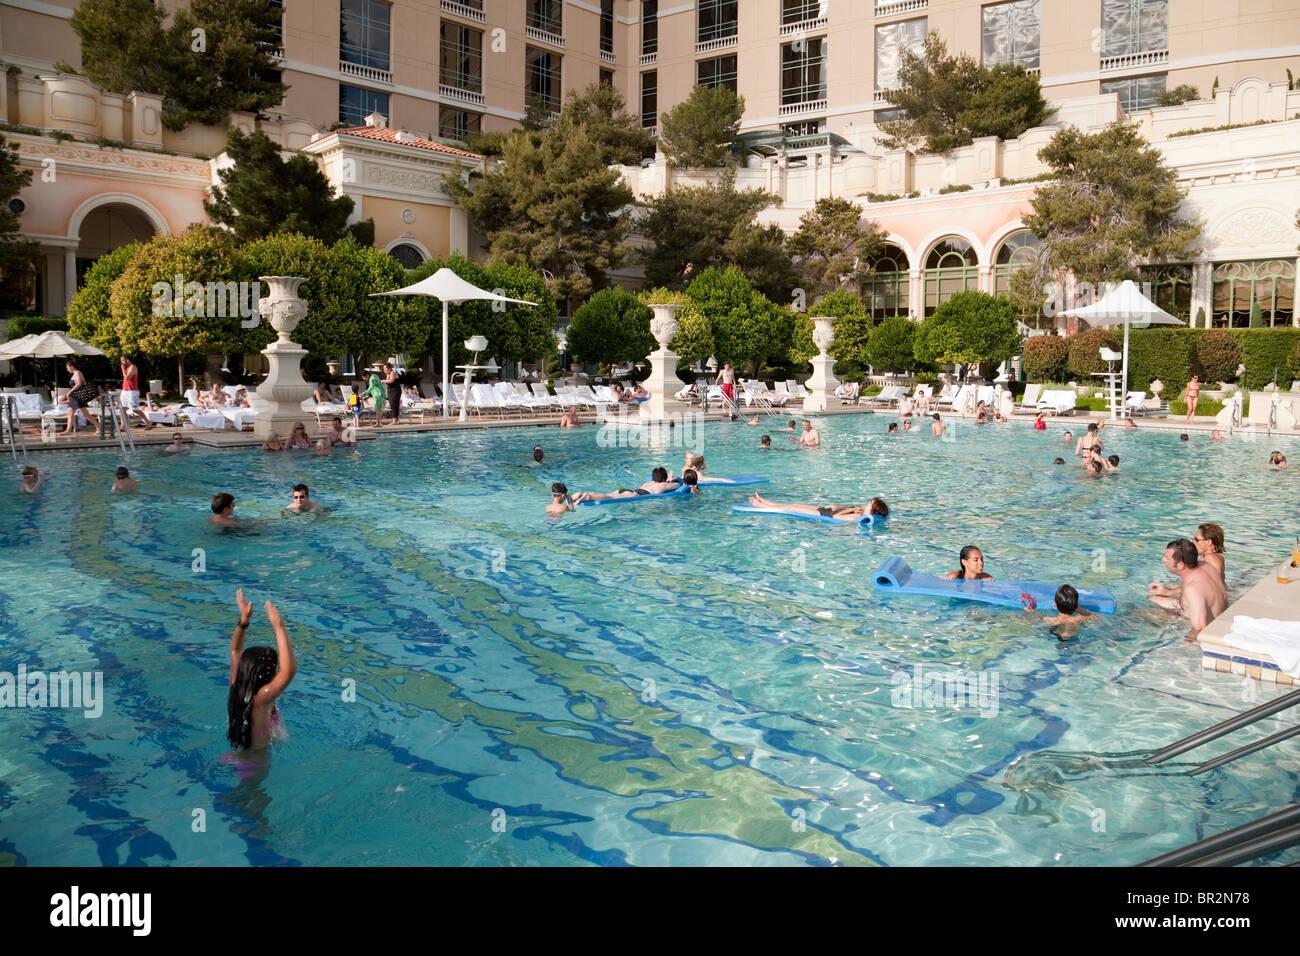 Piscina Bellagio Las Vegas